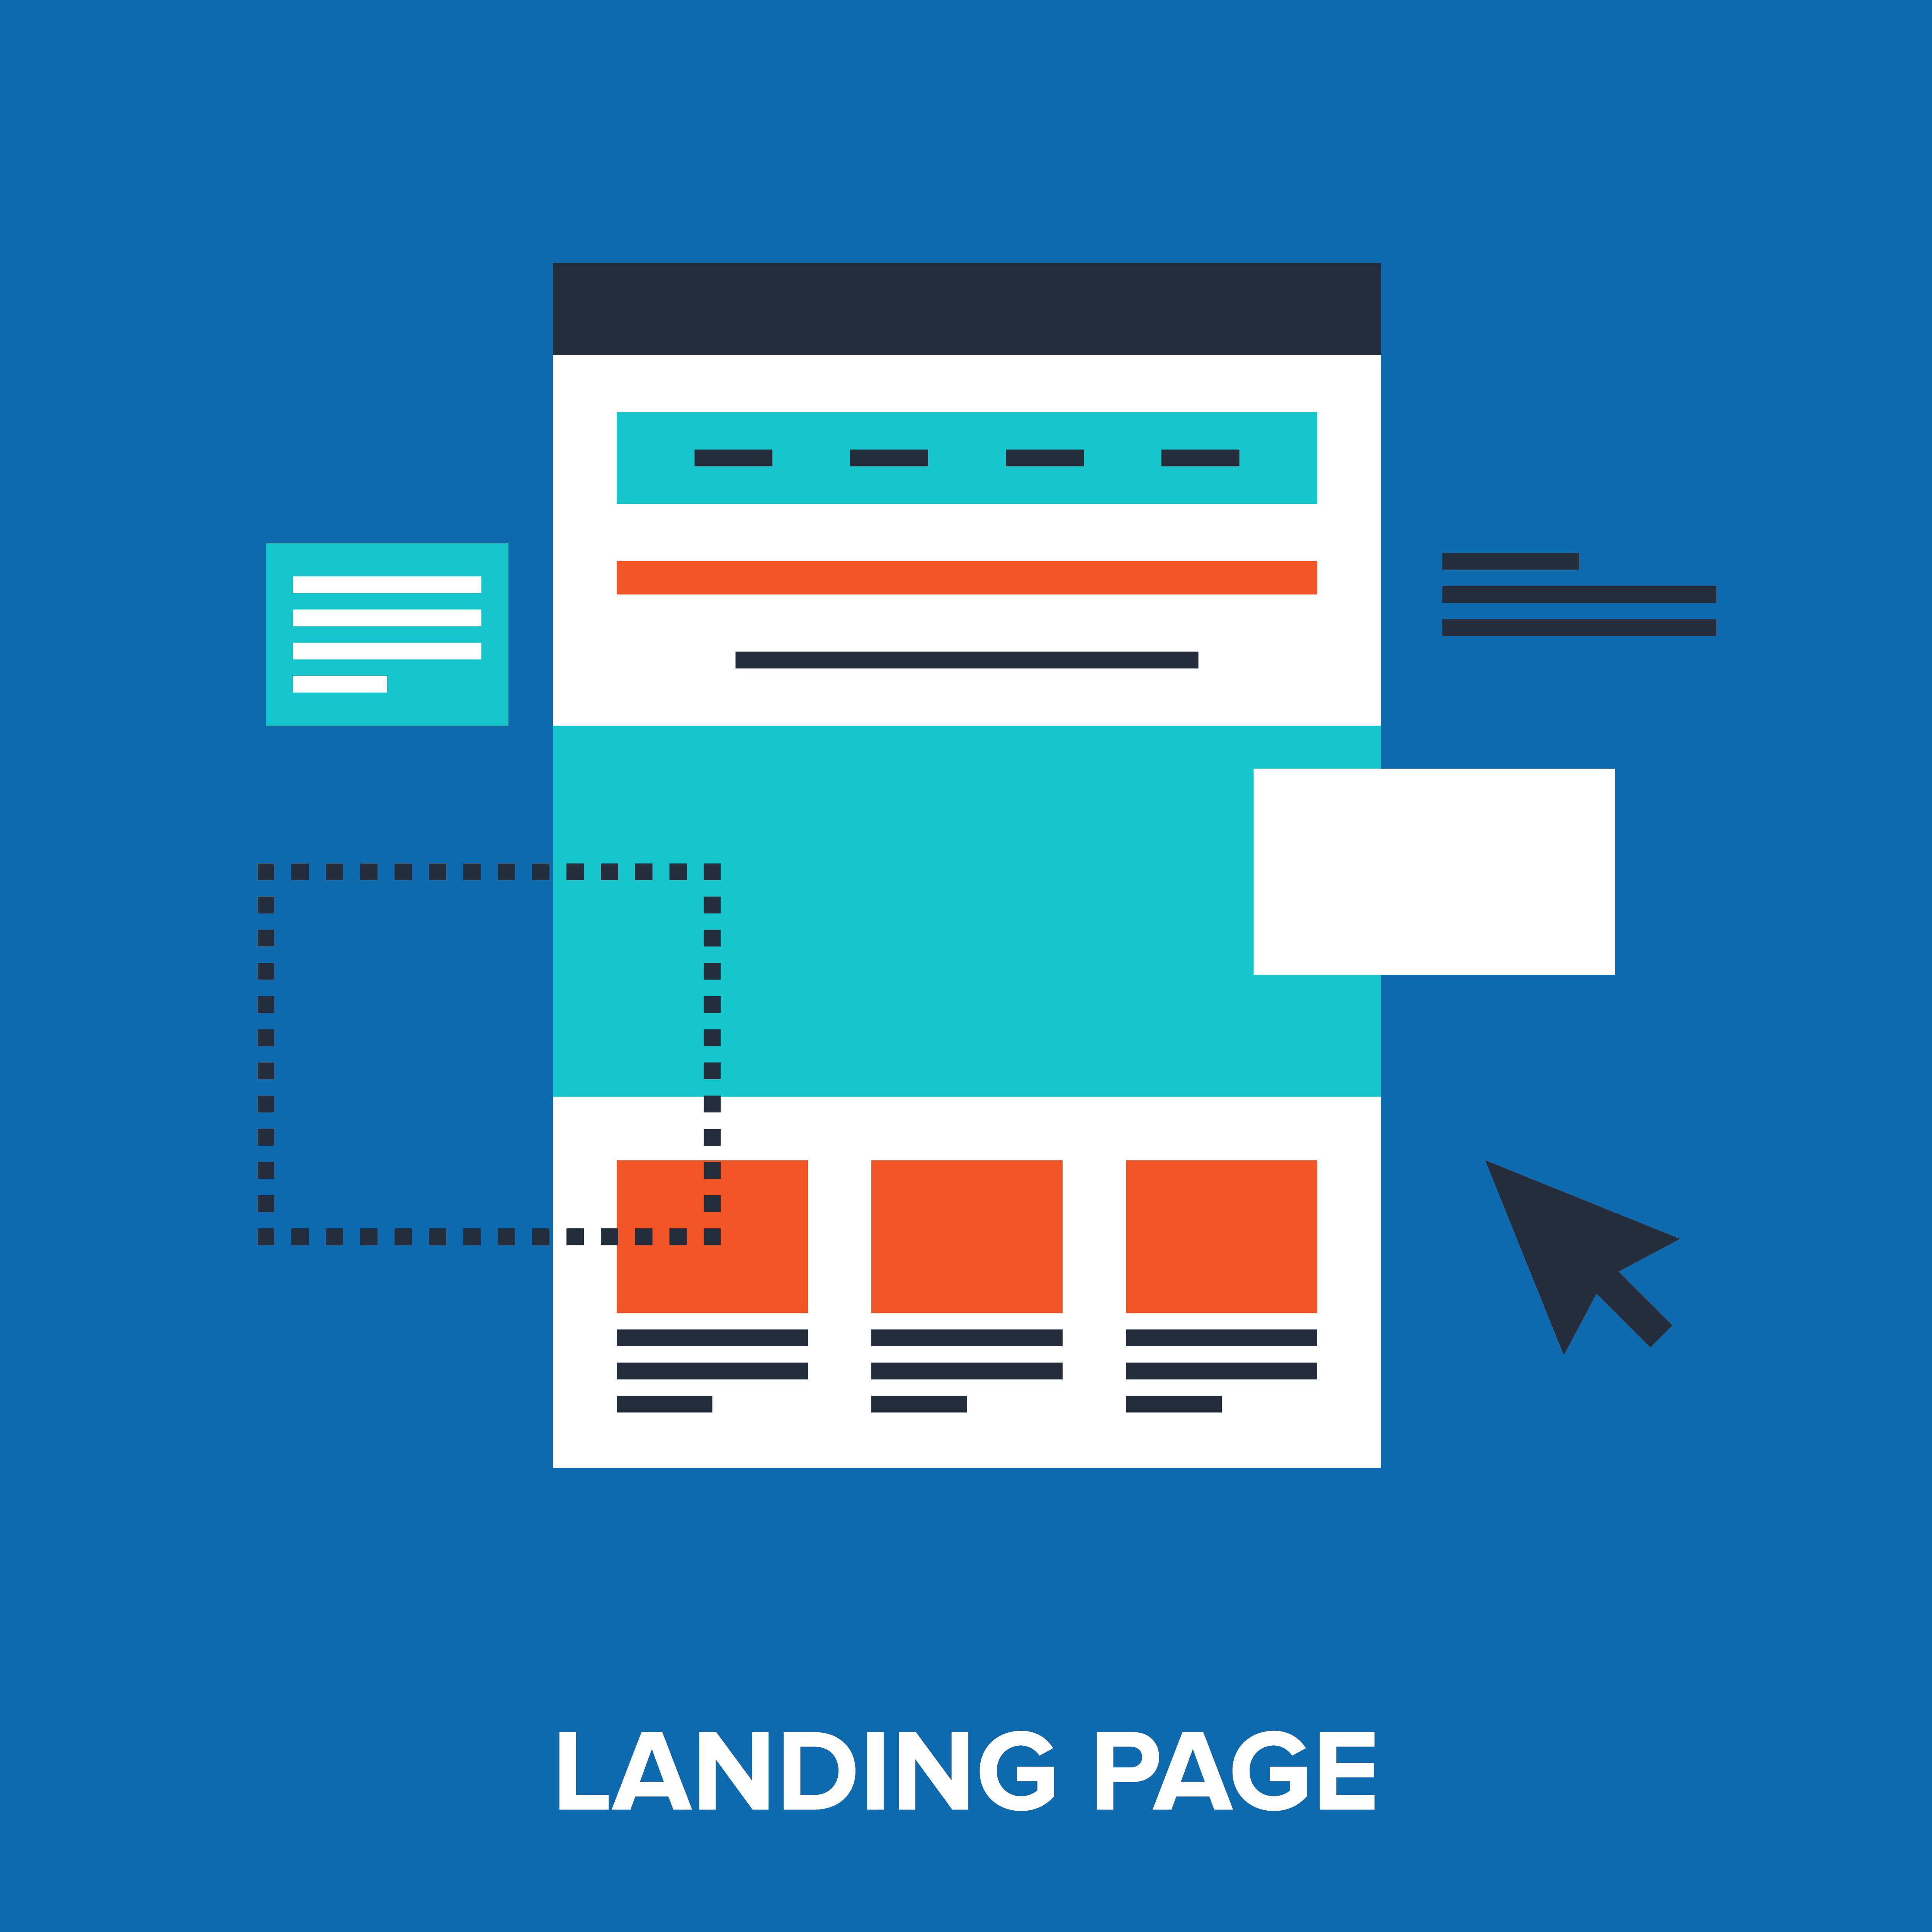 Les landing pages : une solution pour accomplir vos objectifs